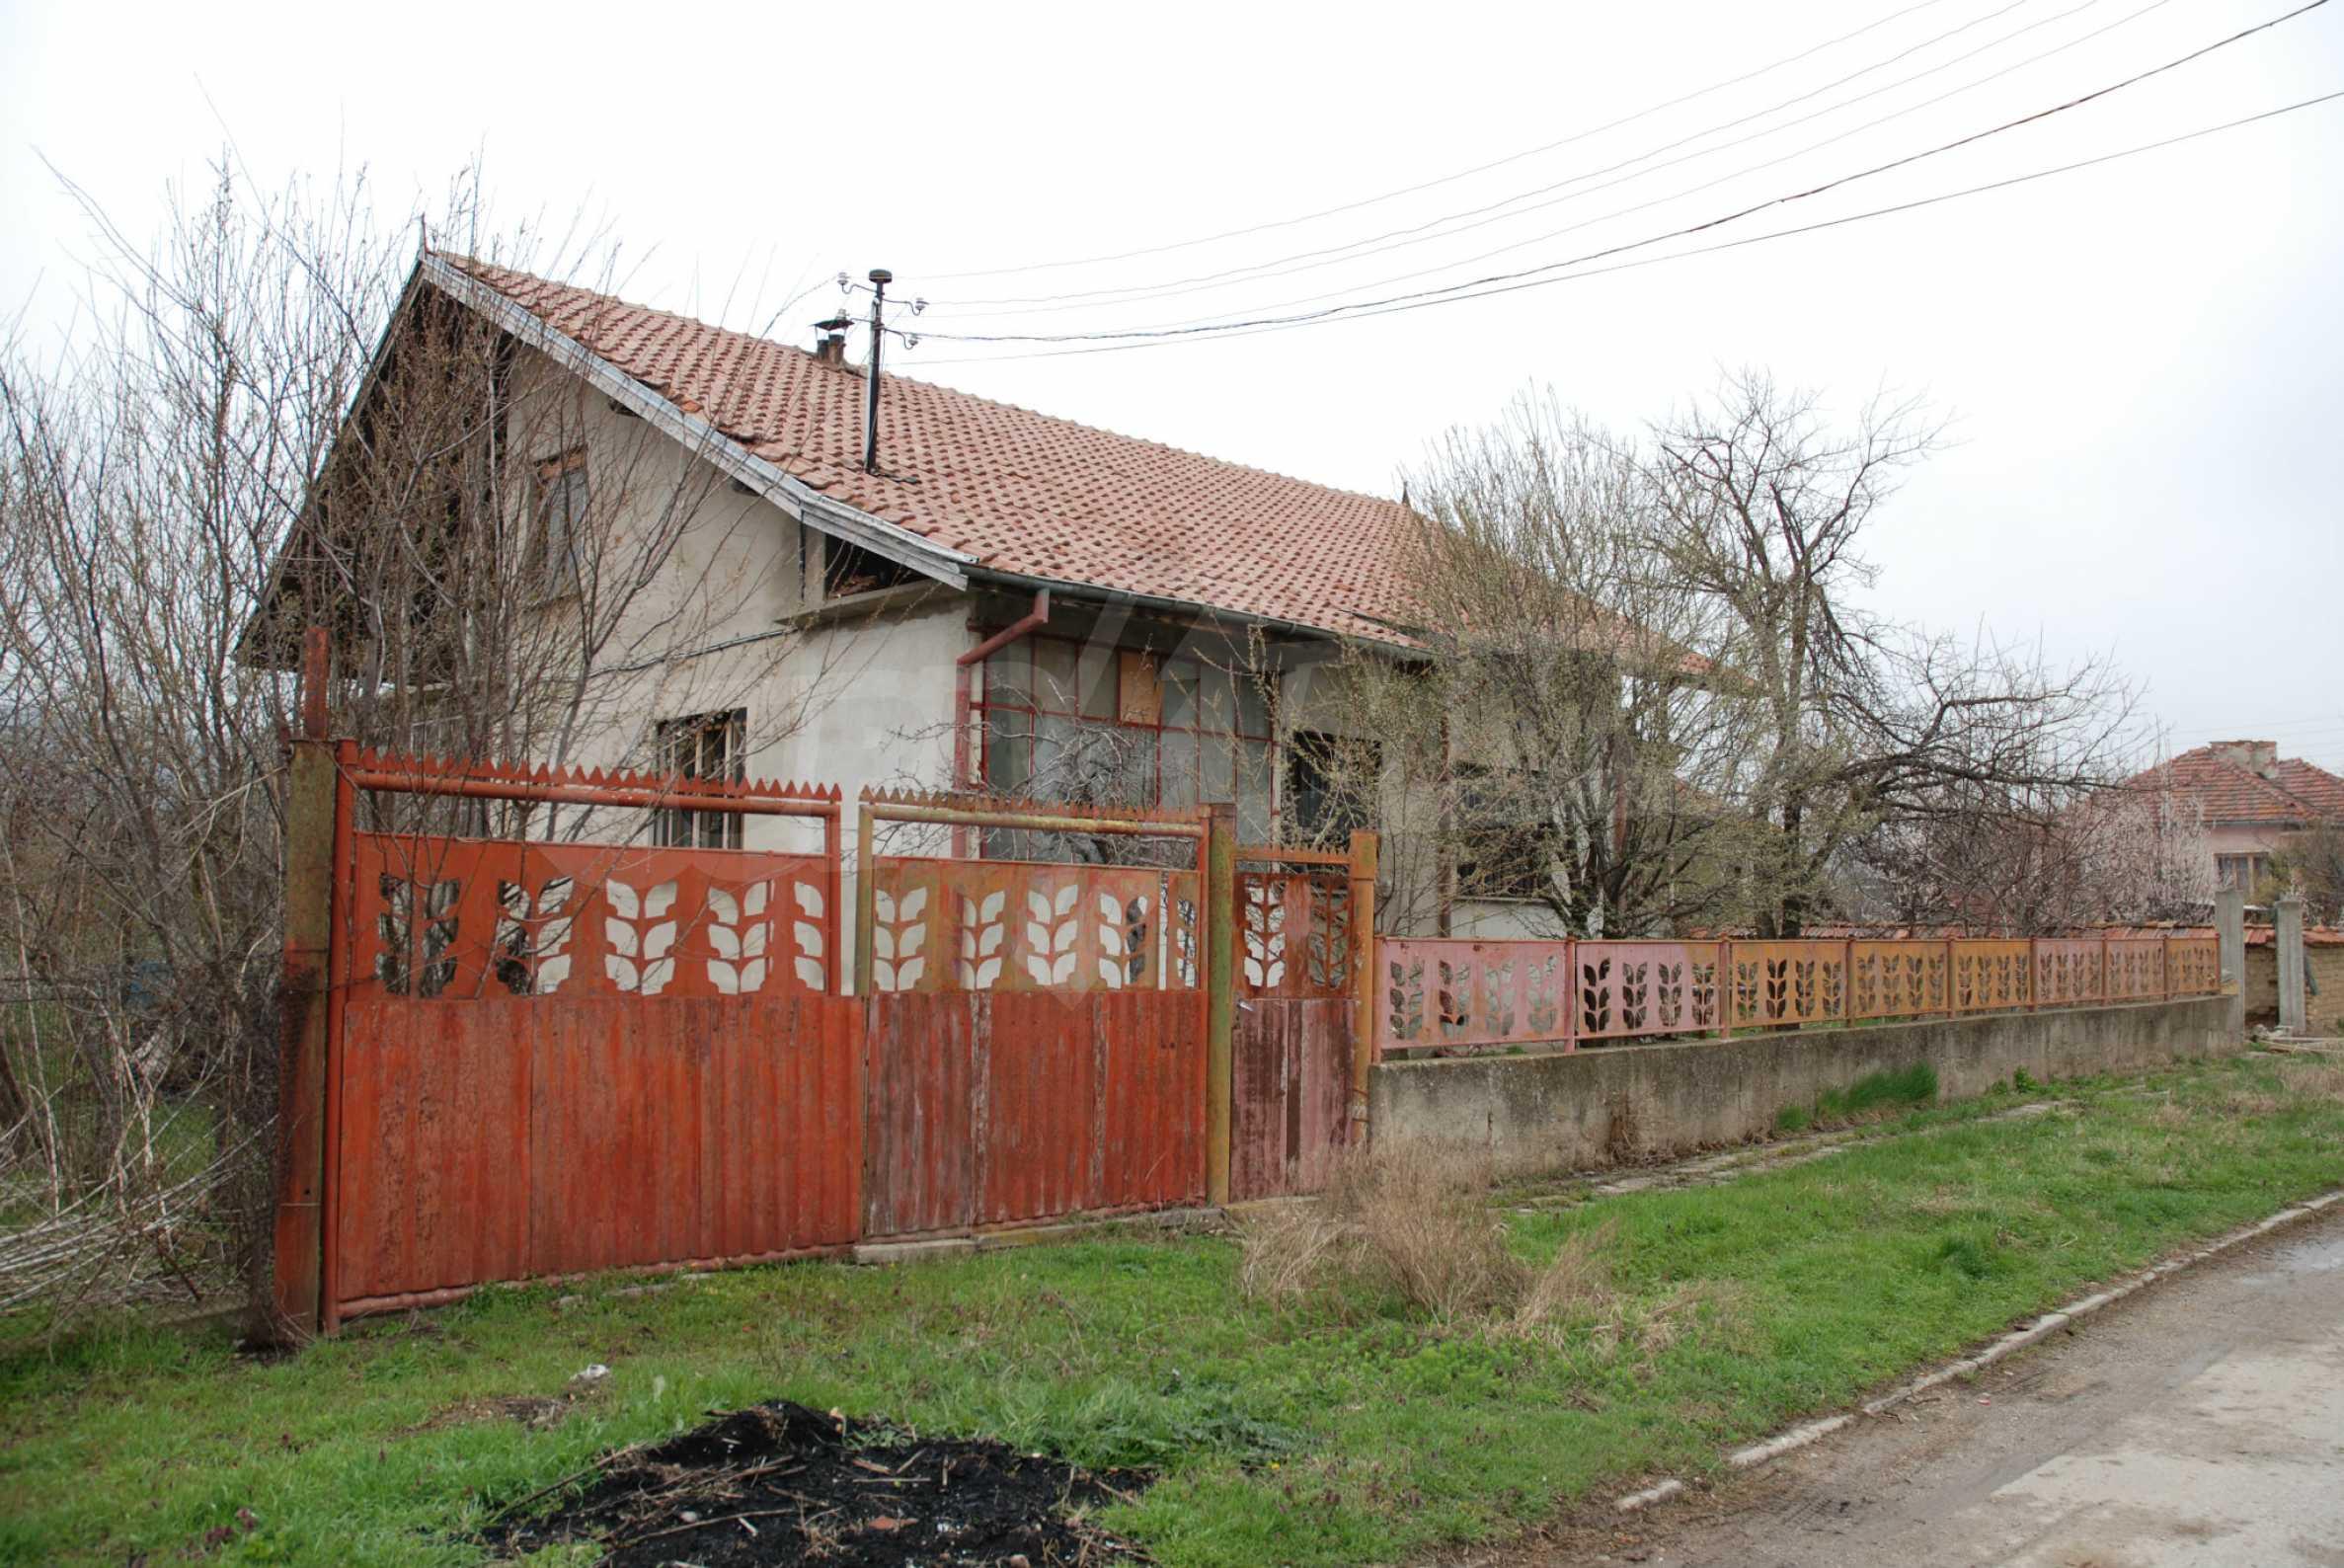 Ein solides, großes Haus in einem Dorf am Fluss